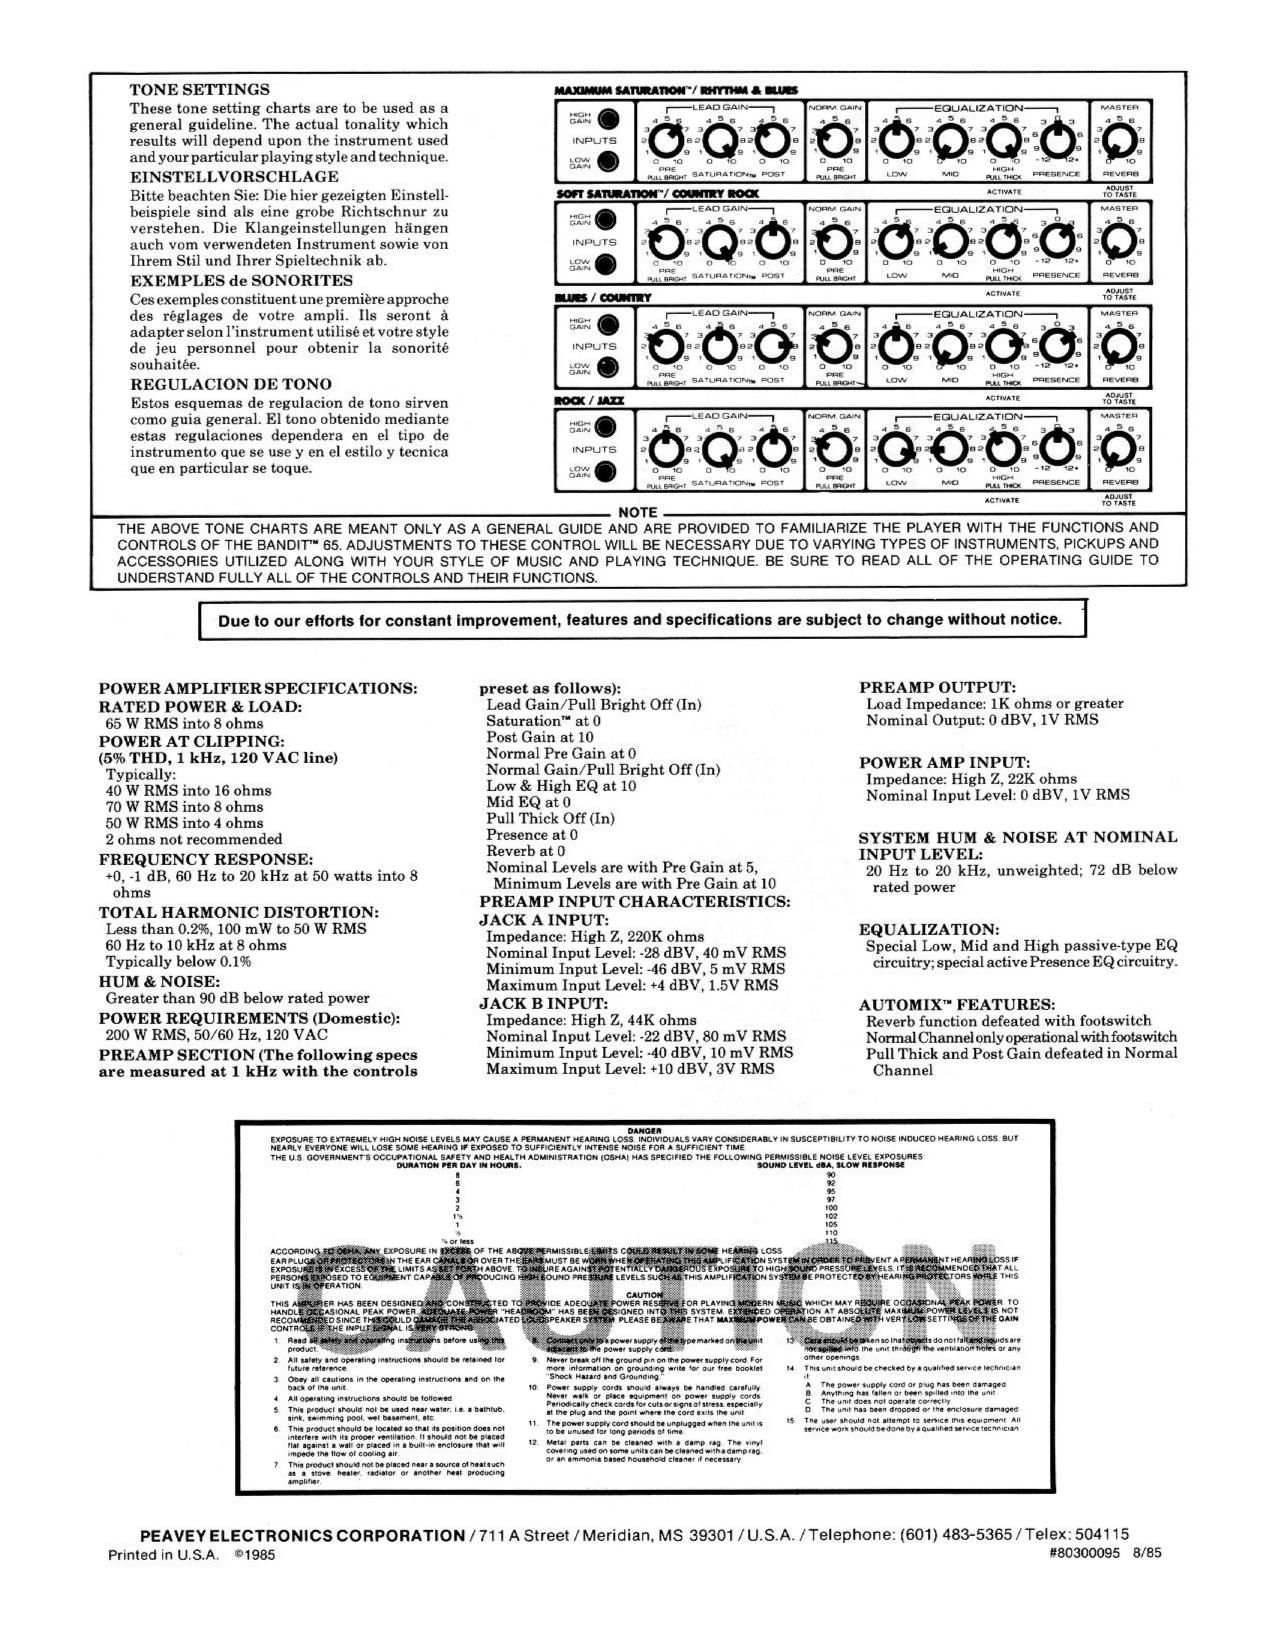 PDF manual for Peavey Amp Bandit 65